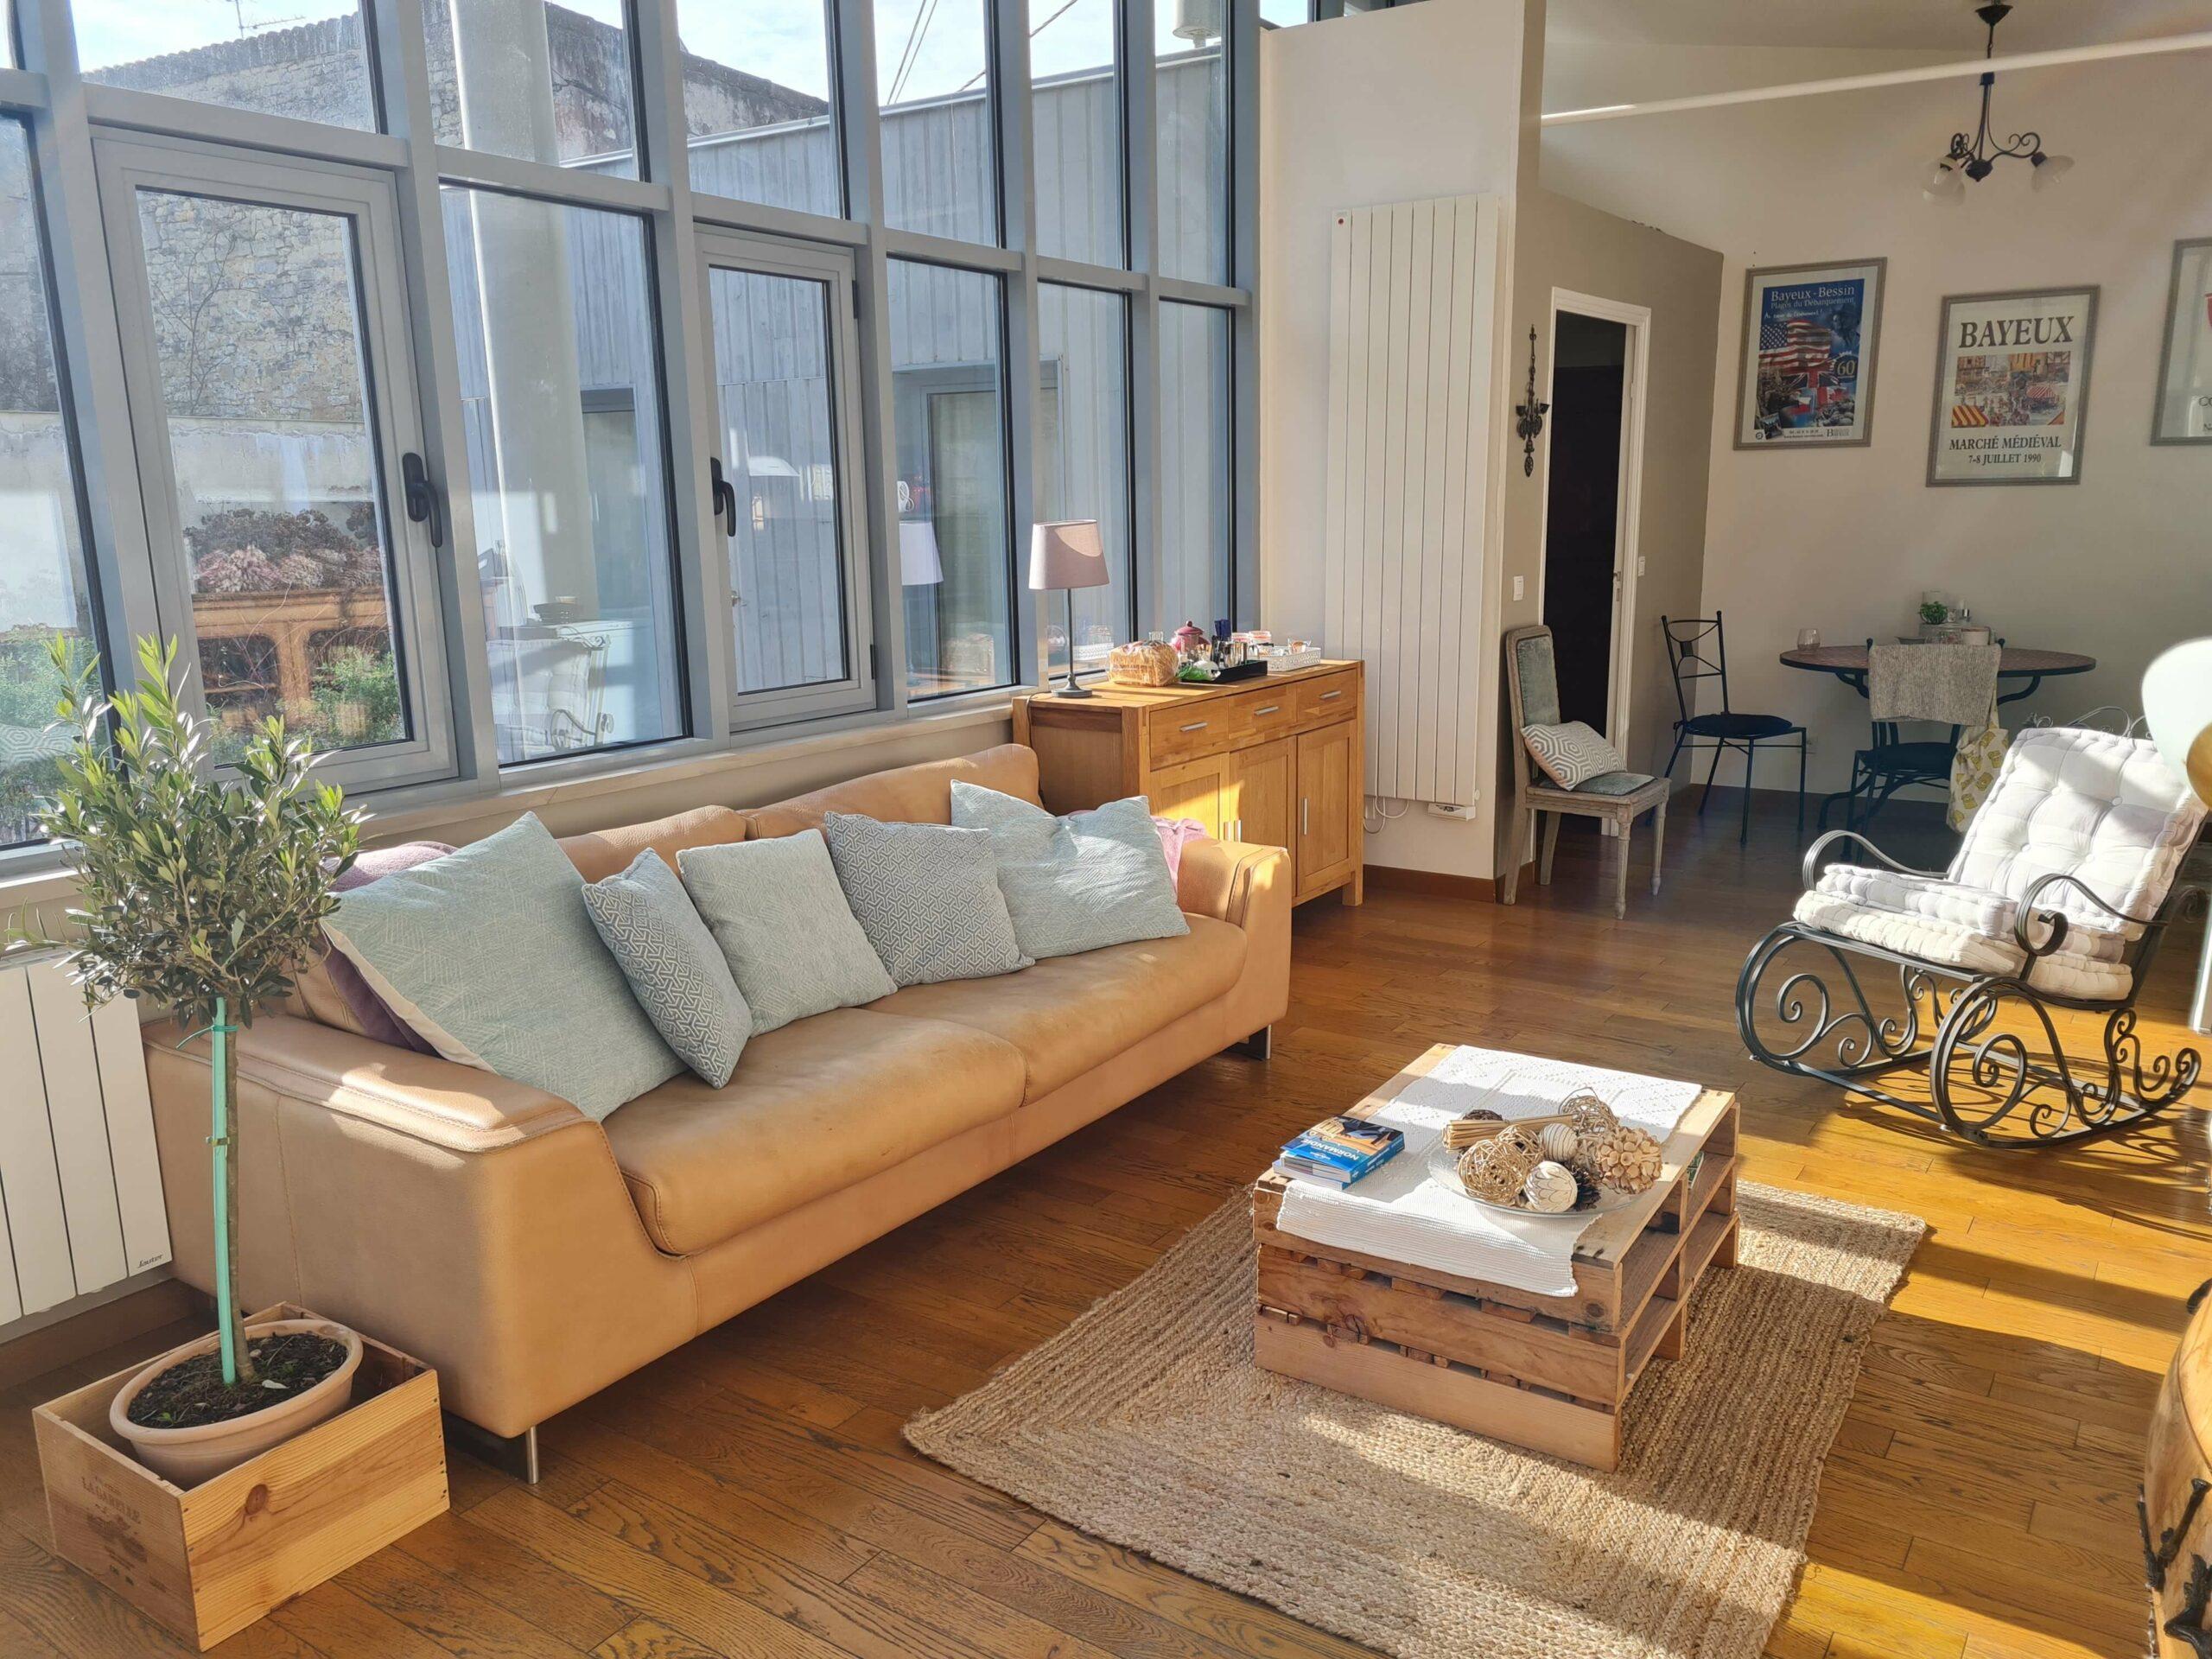 20210213 143240 1 scaled - Airbnb Tour : visite privée d'une tiny house à Bayeux